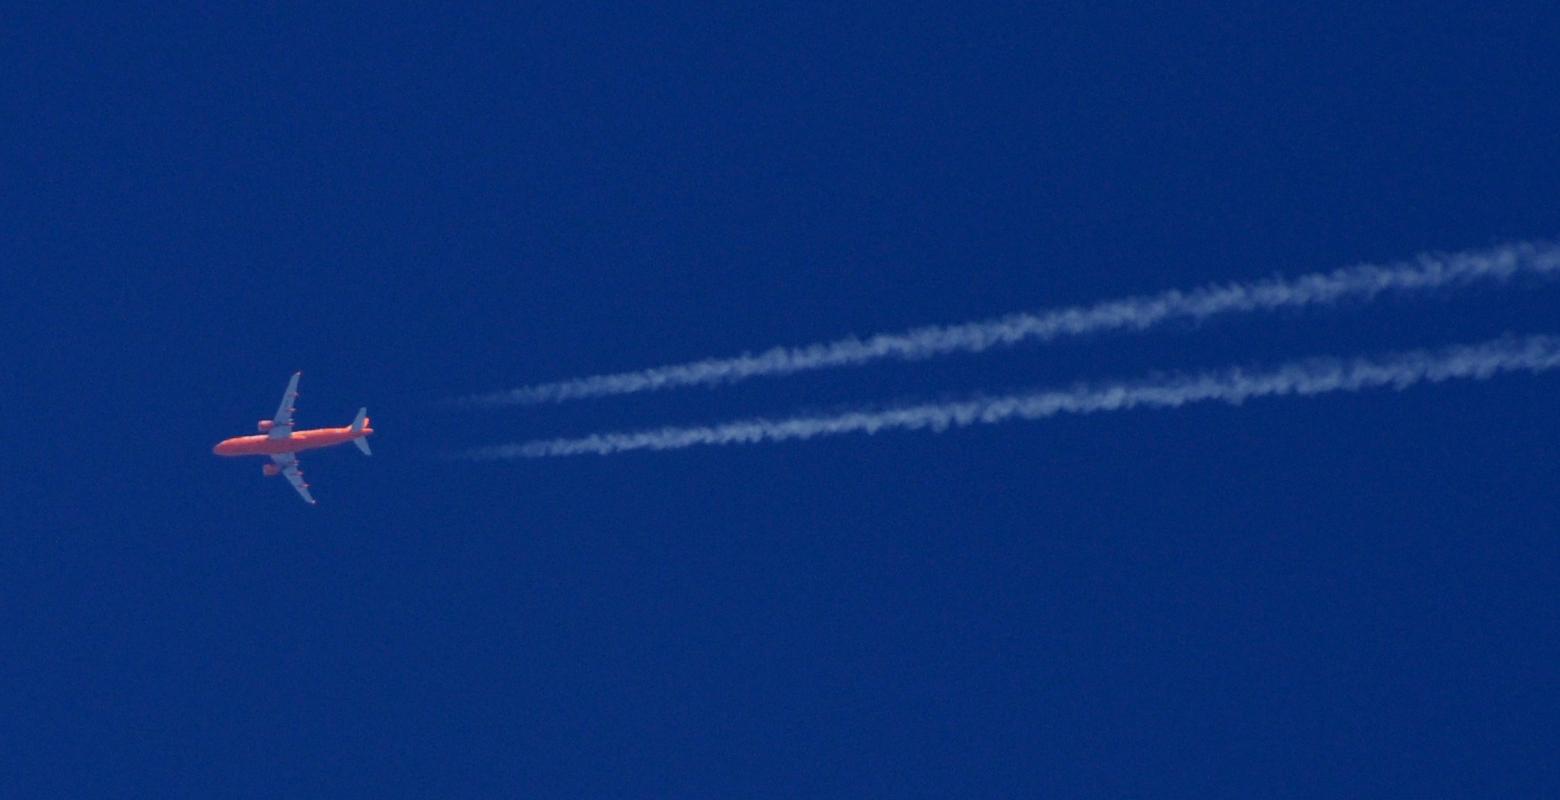 İsim:  EasyJet_A320_U24784.jpg Görüntüleme: 241 Büyüklük:  601.0 KB (Kilobyte)